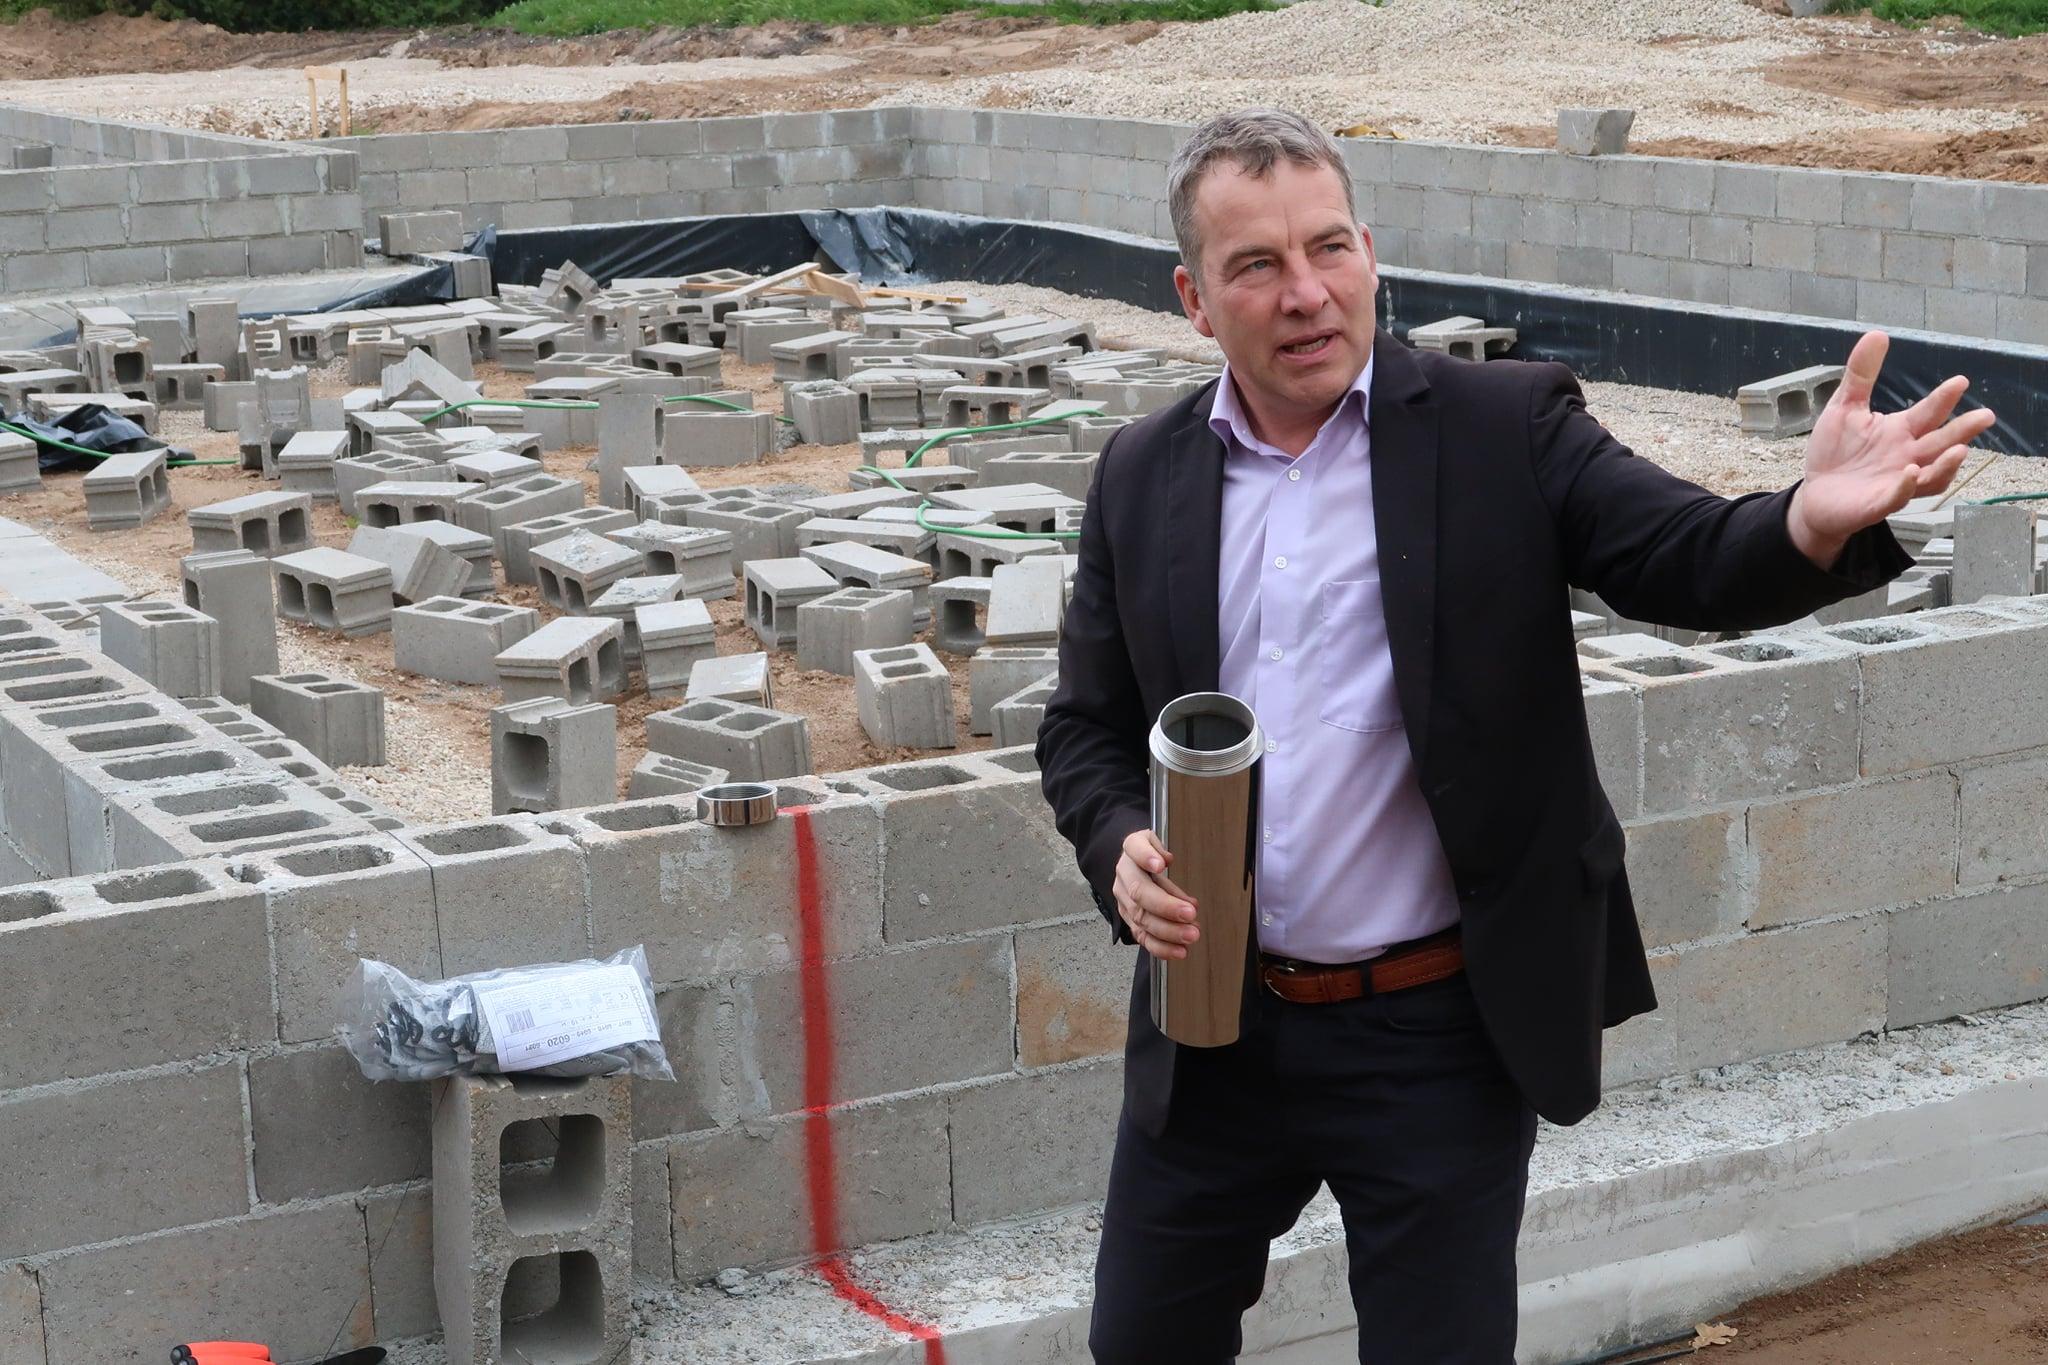 Setomaa vallavanem Raul Kudre asetas Mikitamäe hooldekodu uue maja nurgakivisse kapsli.